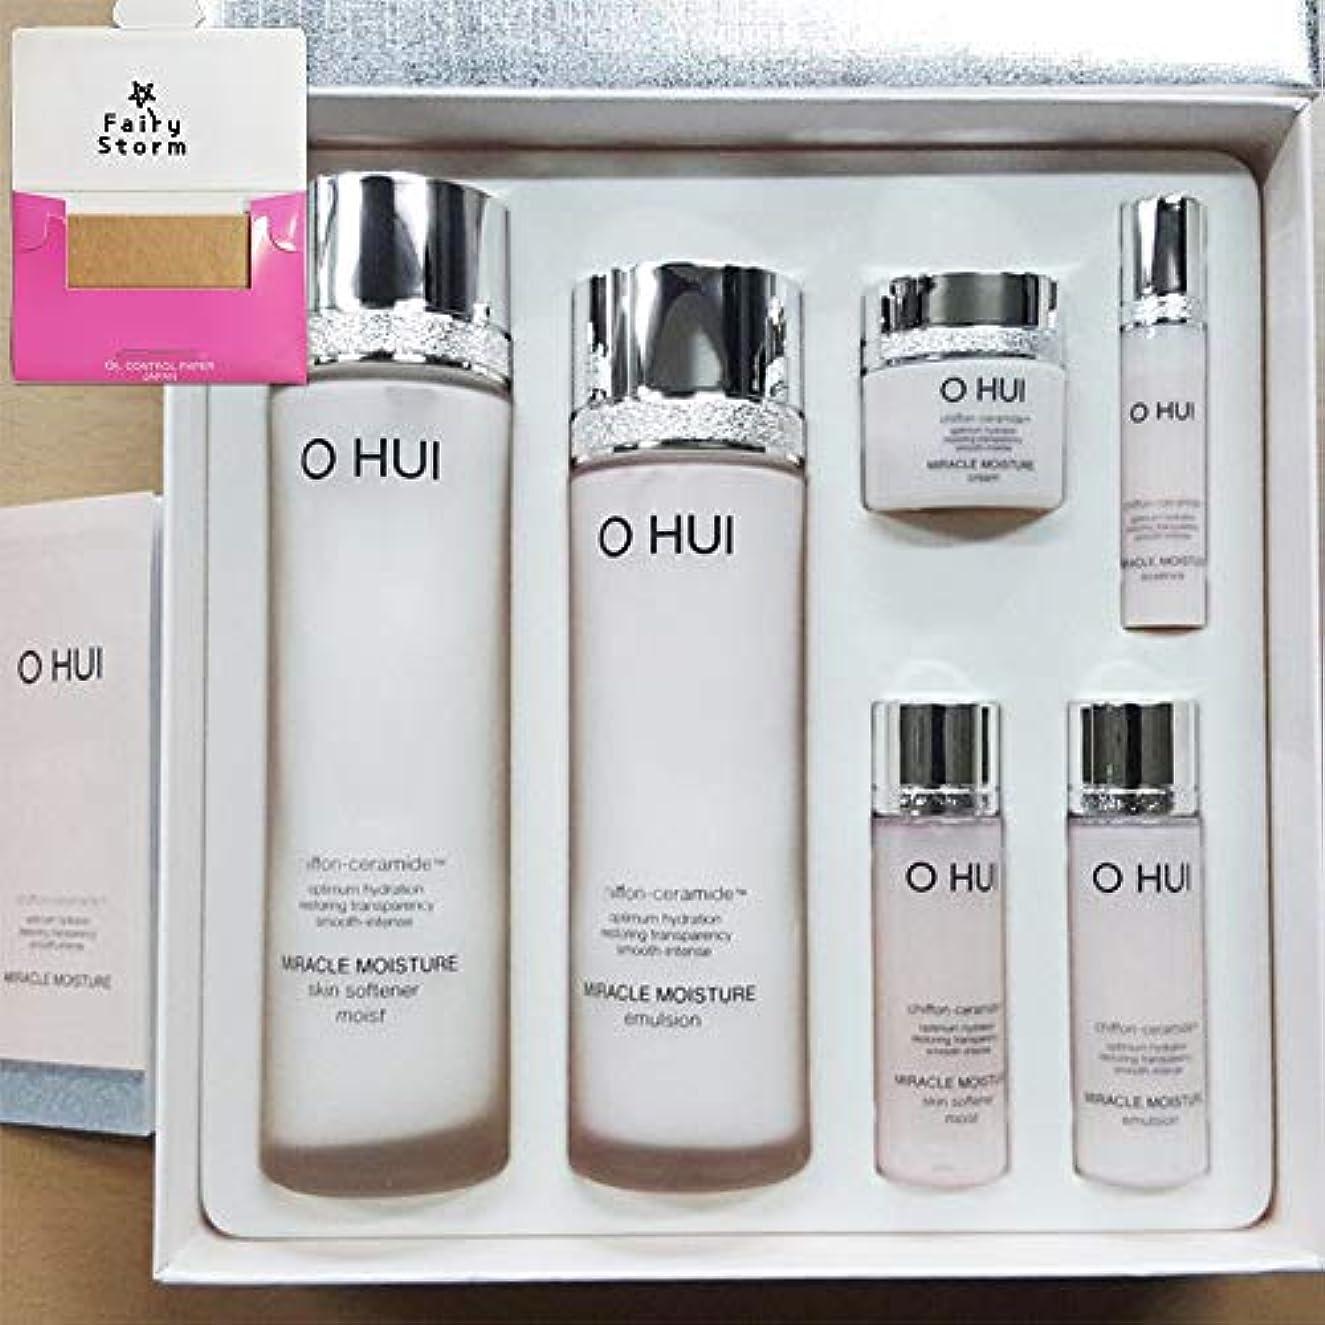 自動的にベール複合[オフィ/ O HUI]韓国化粧品 LG生活健康/ O HUI MIRACLE MOISTURE SPECIAL SET/ミラクルモイスチャー スペシャル 2種 企画セット + [Sample Gift](海外直送品)